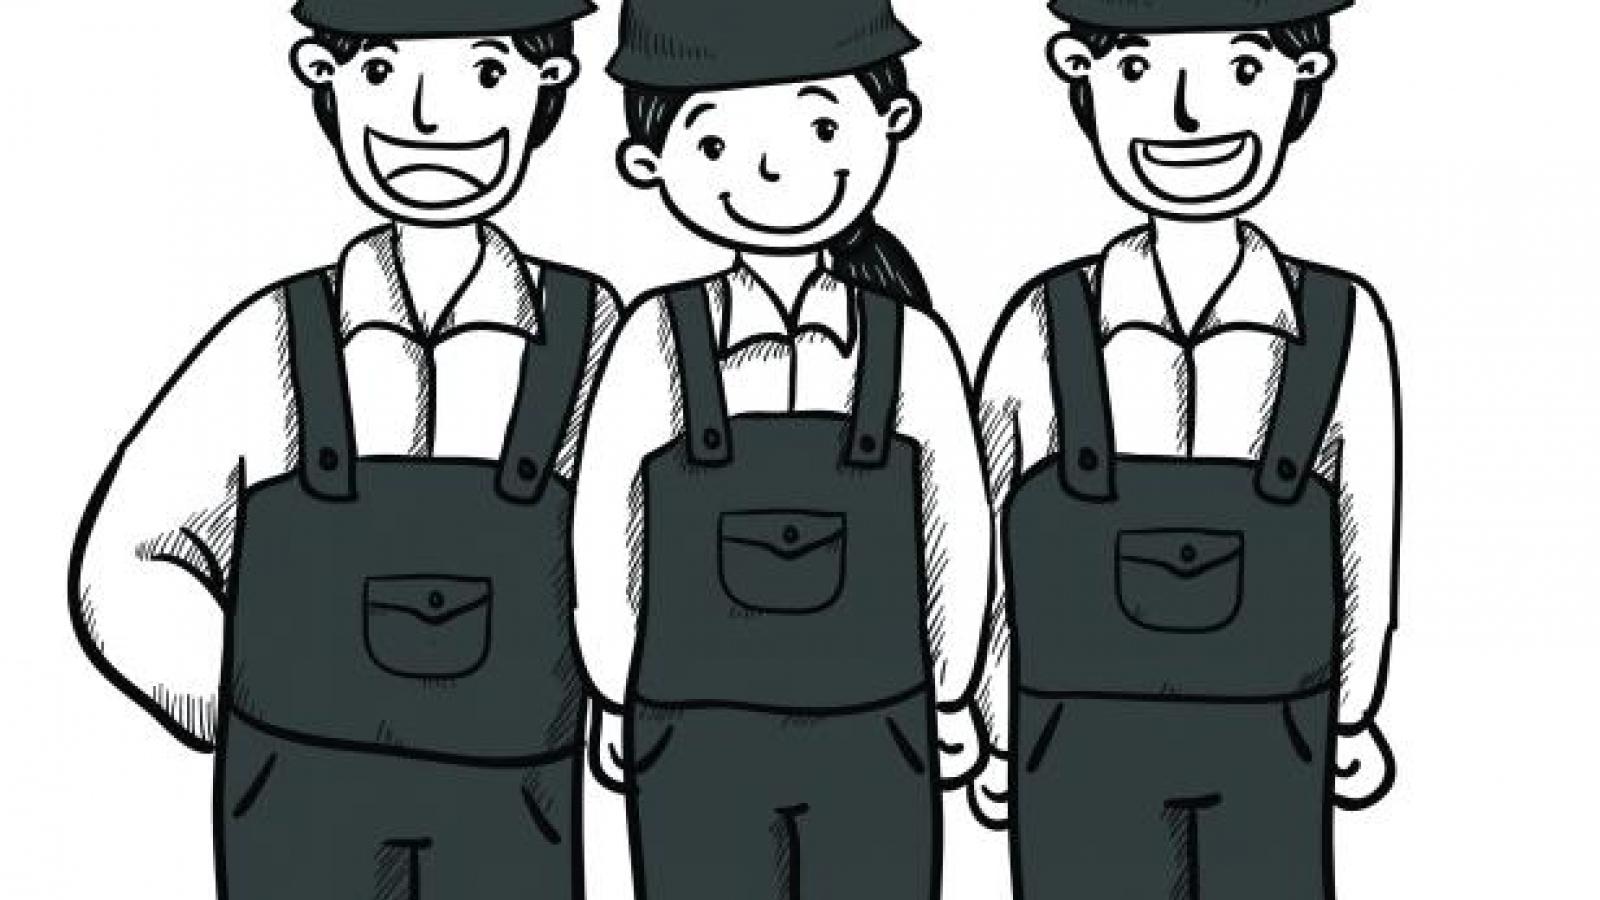 Những điều cấm khi sử dụng người lao động chưa thành niên